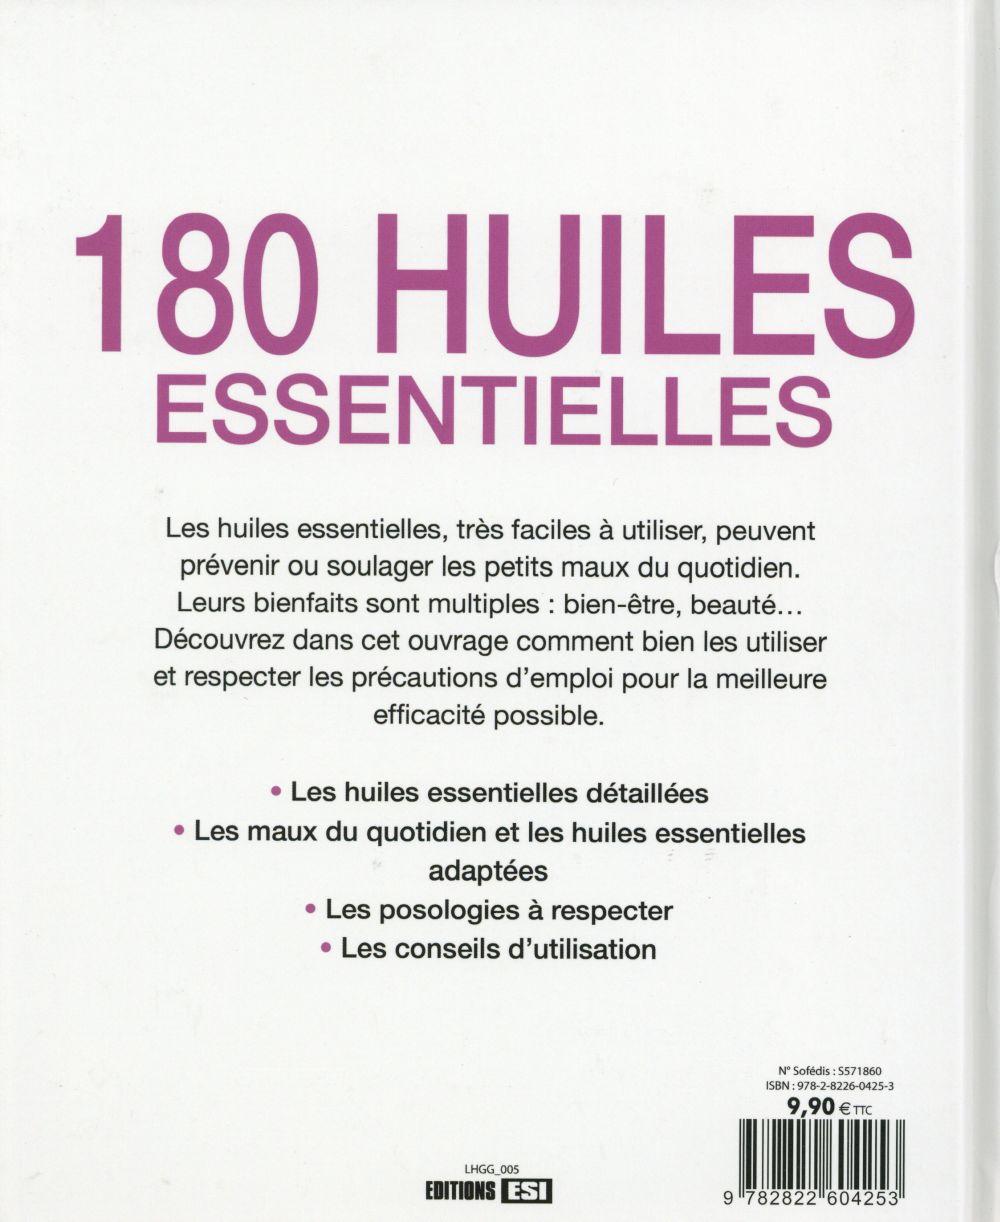 180 huiles essentielles